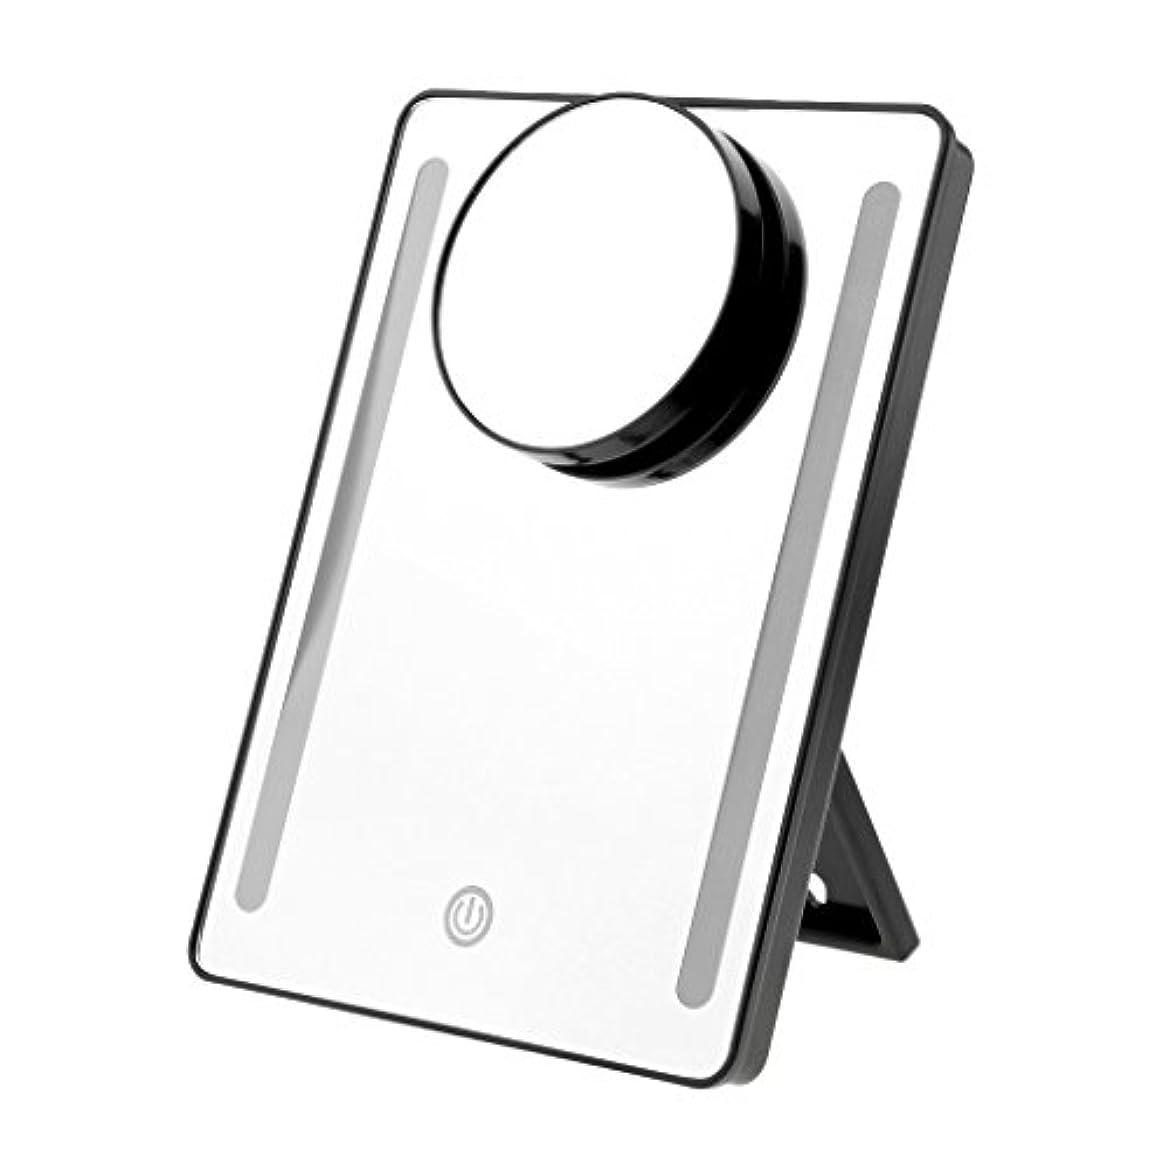 後観察するコンサートメイクアップミラー LEDタッチライト USB充電/電池 両方対応可 メイクアップ 化粧ミラー 10x拡大鏡 拡大ミラー 2色選べる - ブラック, 説明したように